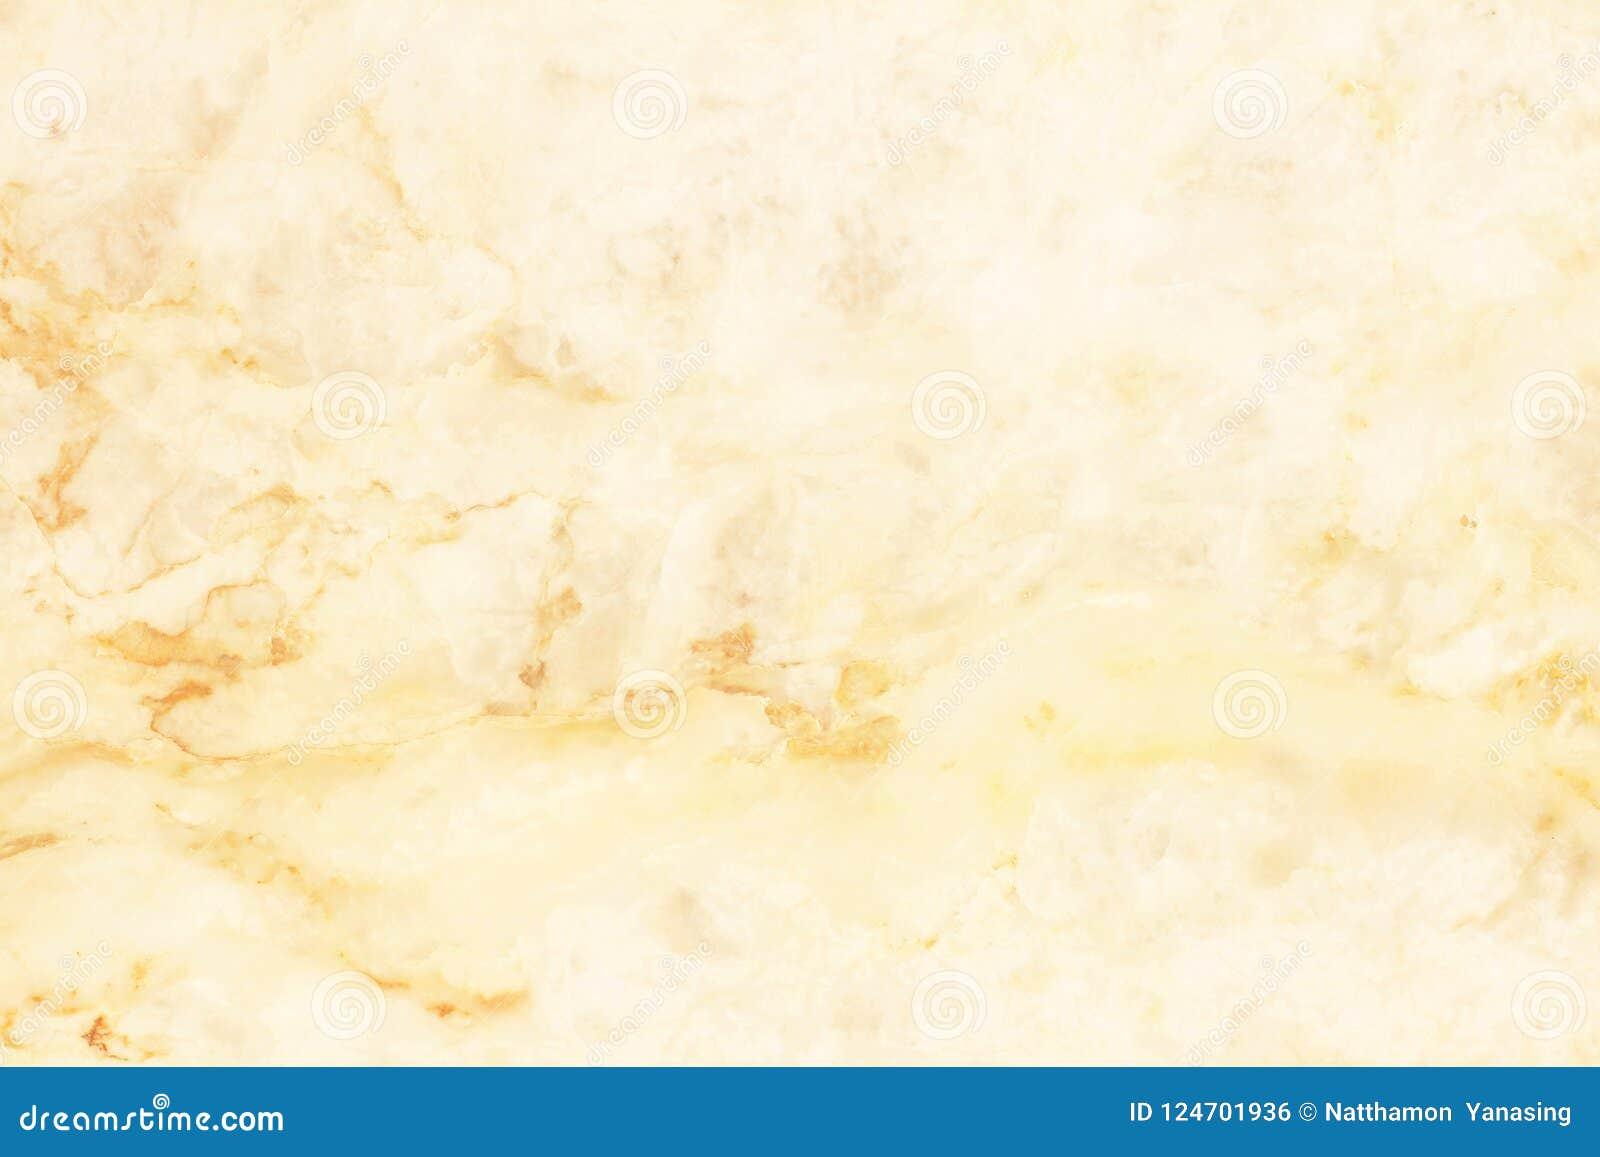 Fundo de mármore branco da textura do ouro com alta resolução da estrutura do detalhe, sem emenda luxuoso abstrato do assoalho da